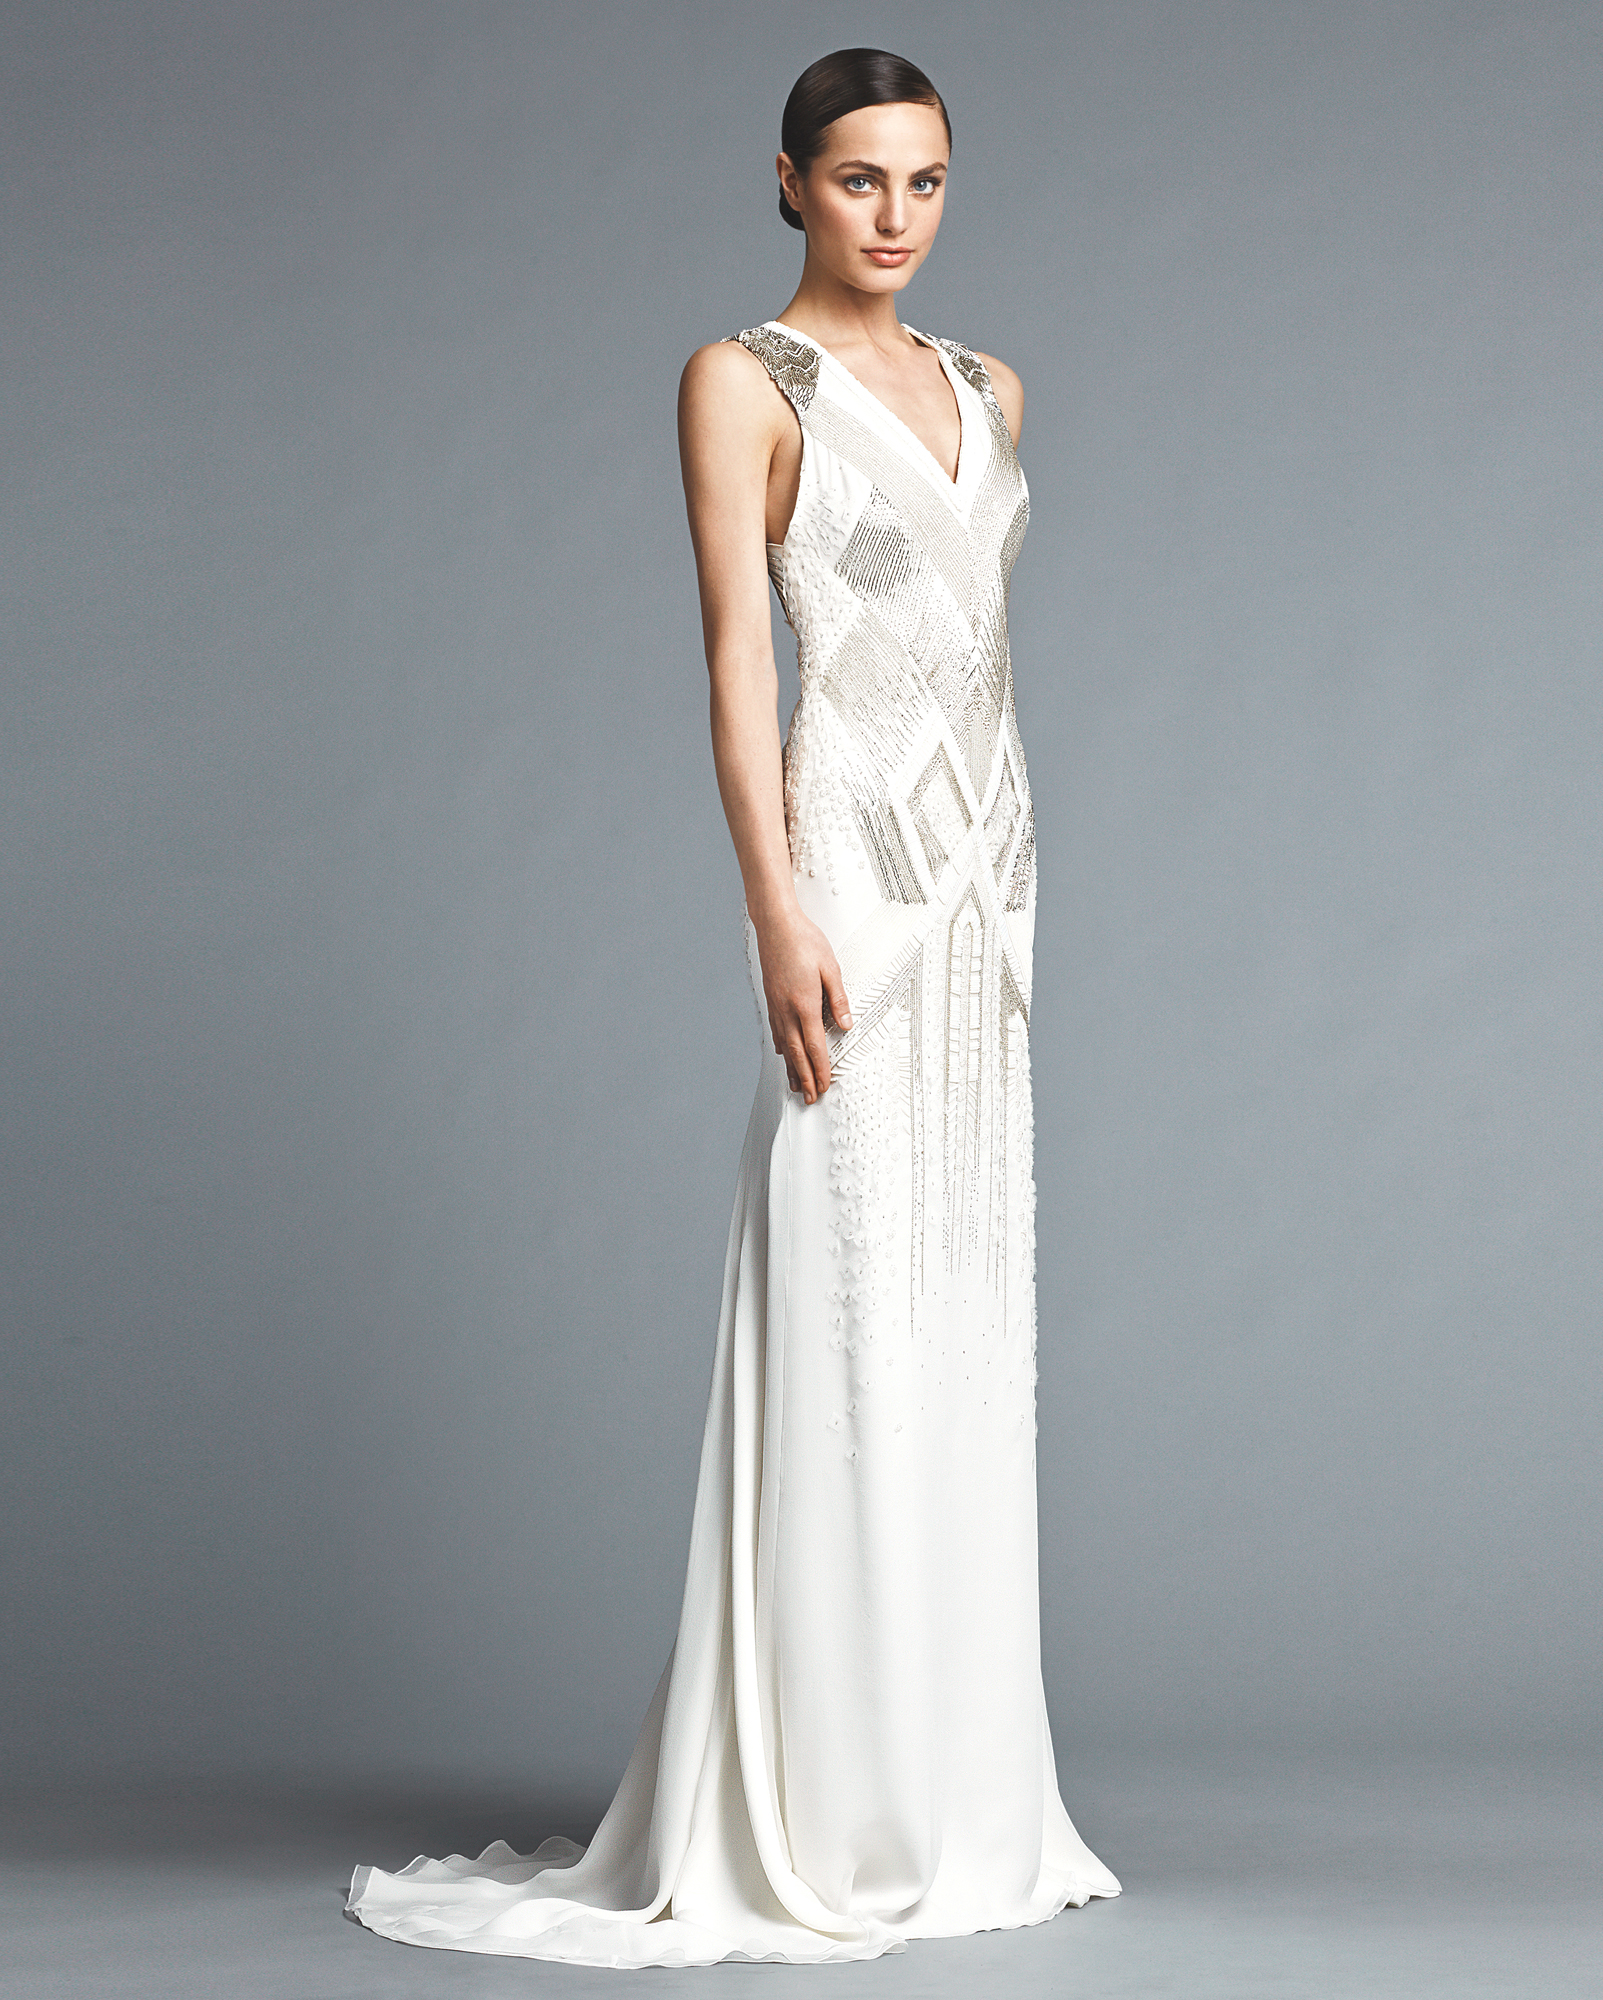 50-states-wedding-dresses-california-jmendel-s112015-0615.jpg